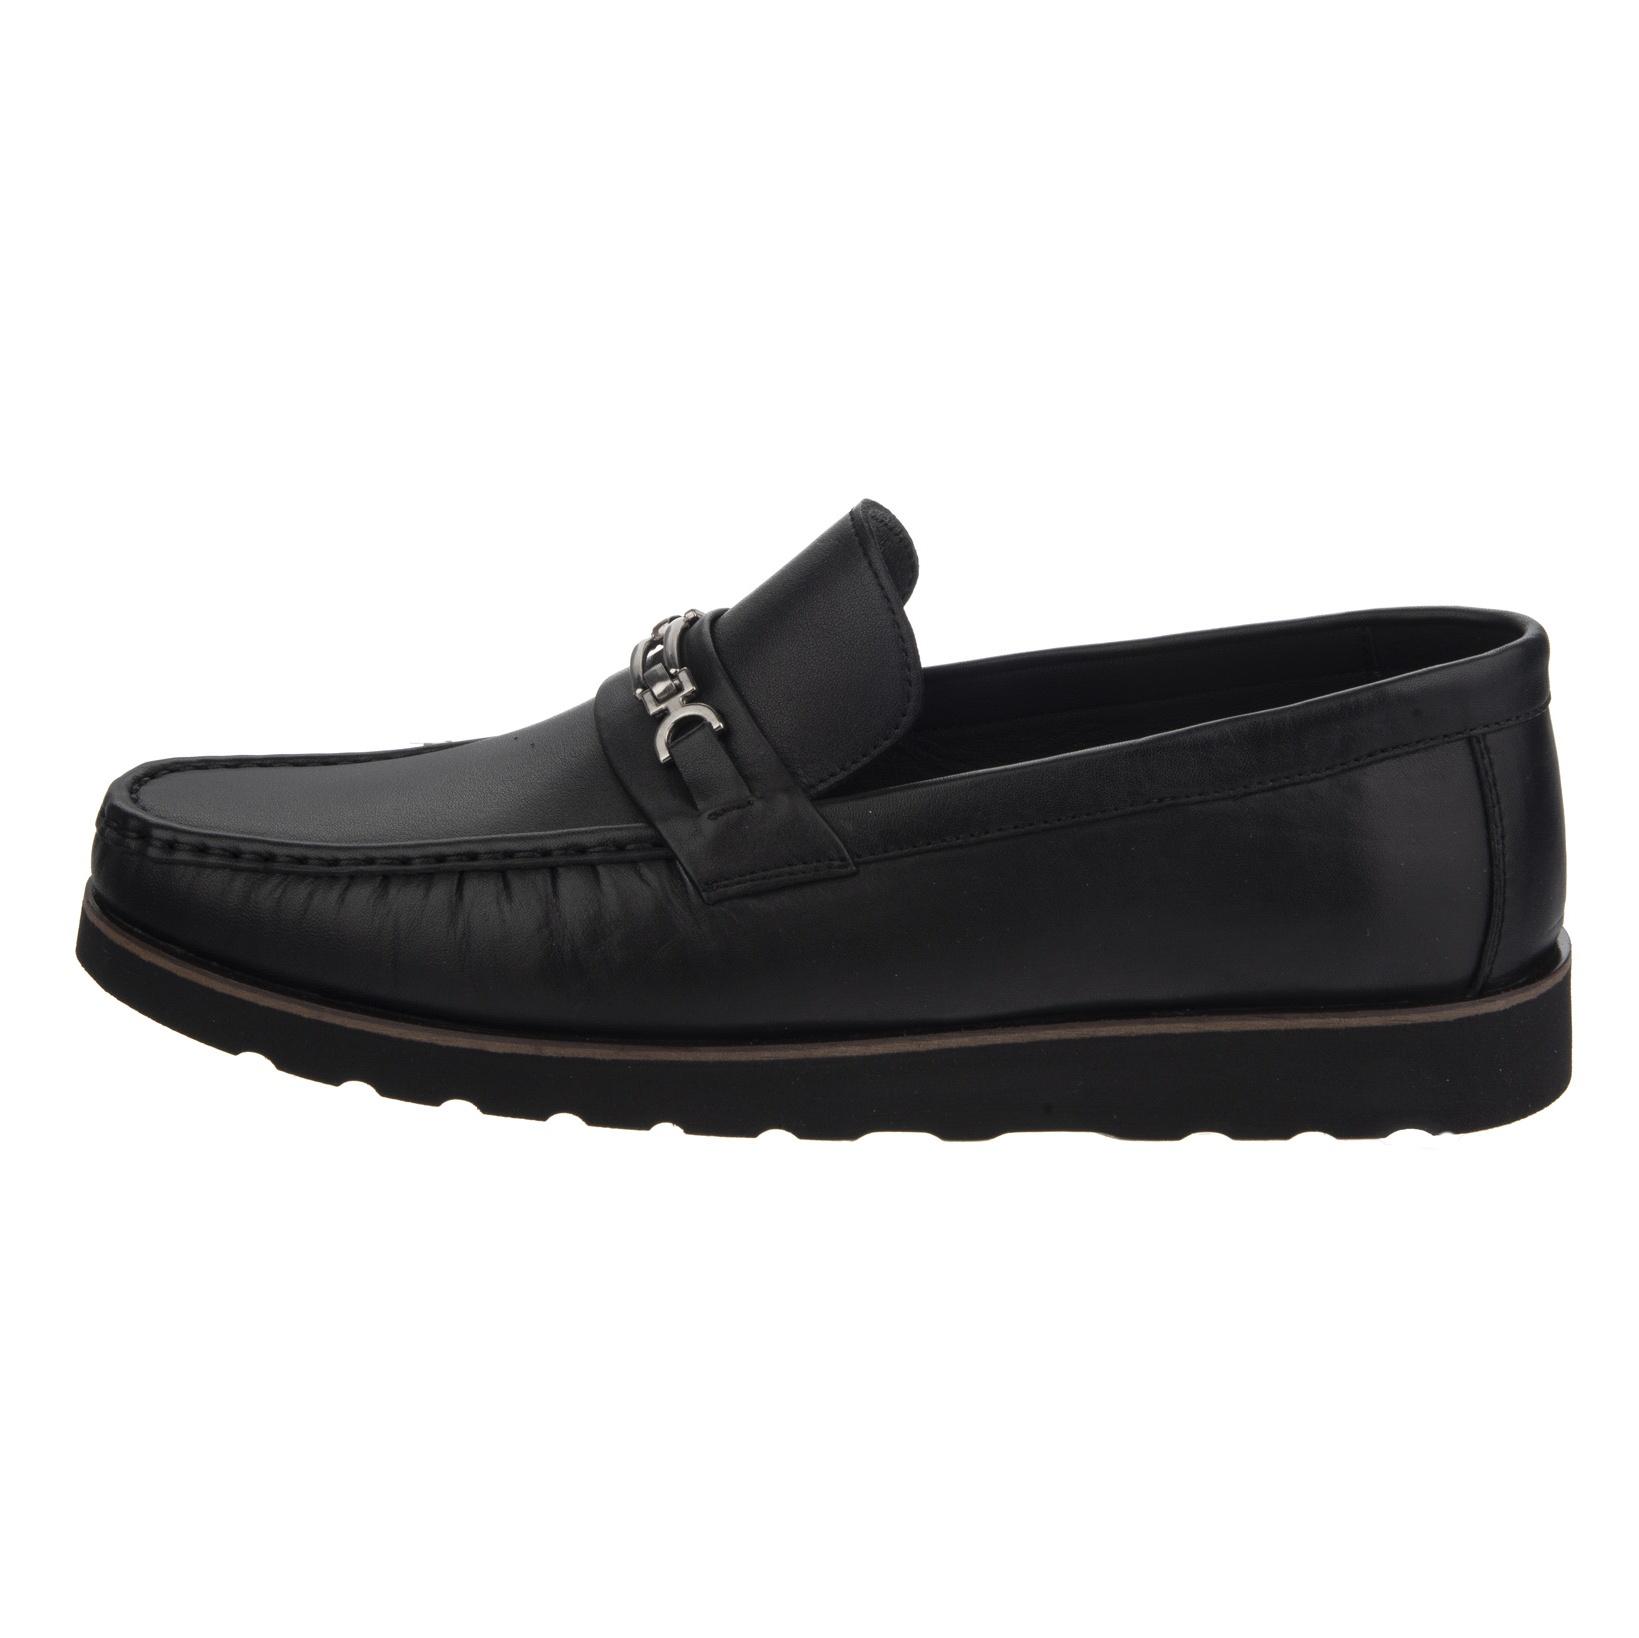 کفش مردانه گاندو مدل 711-99 - مشکی - 3